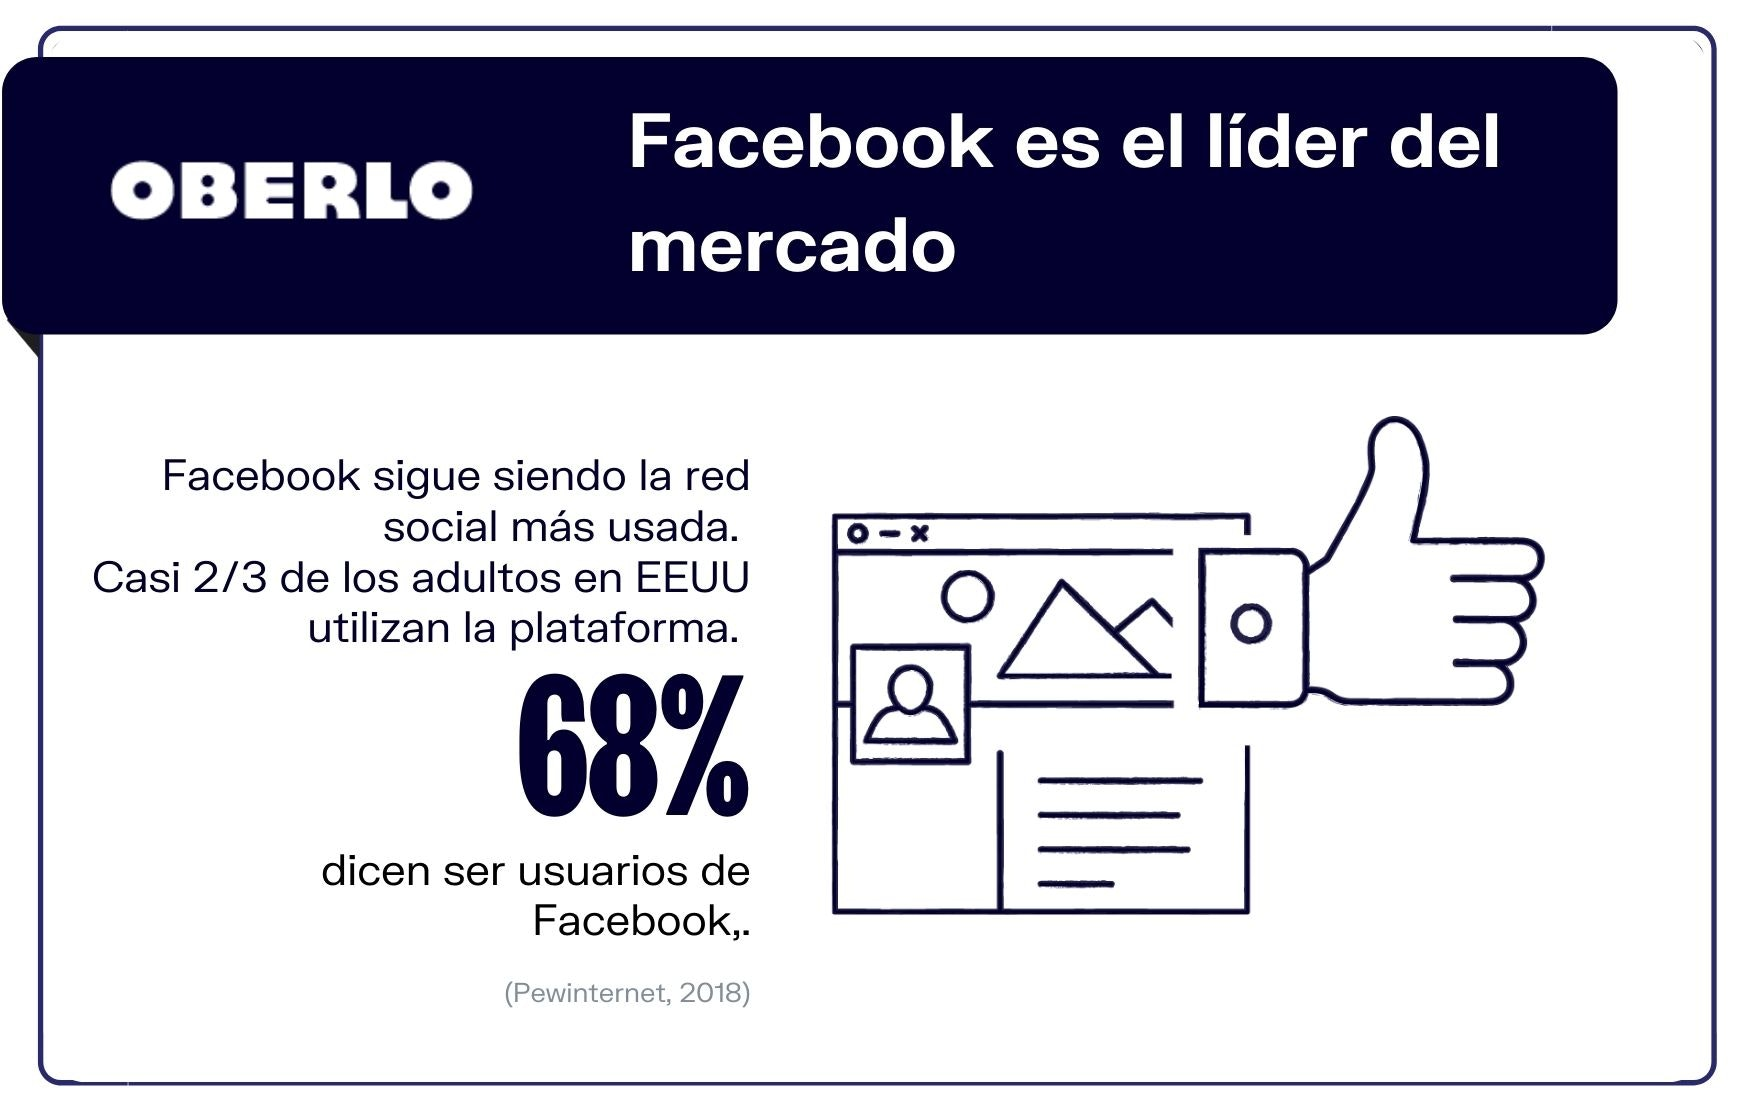 Facebook una de las redes sociales más usadas